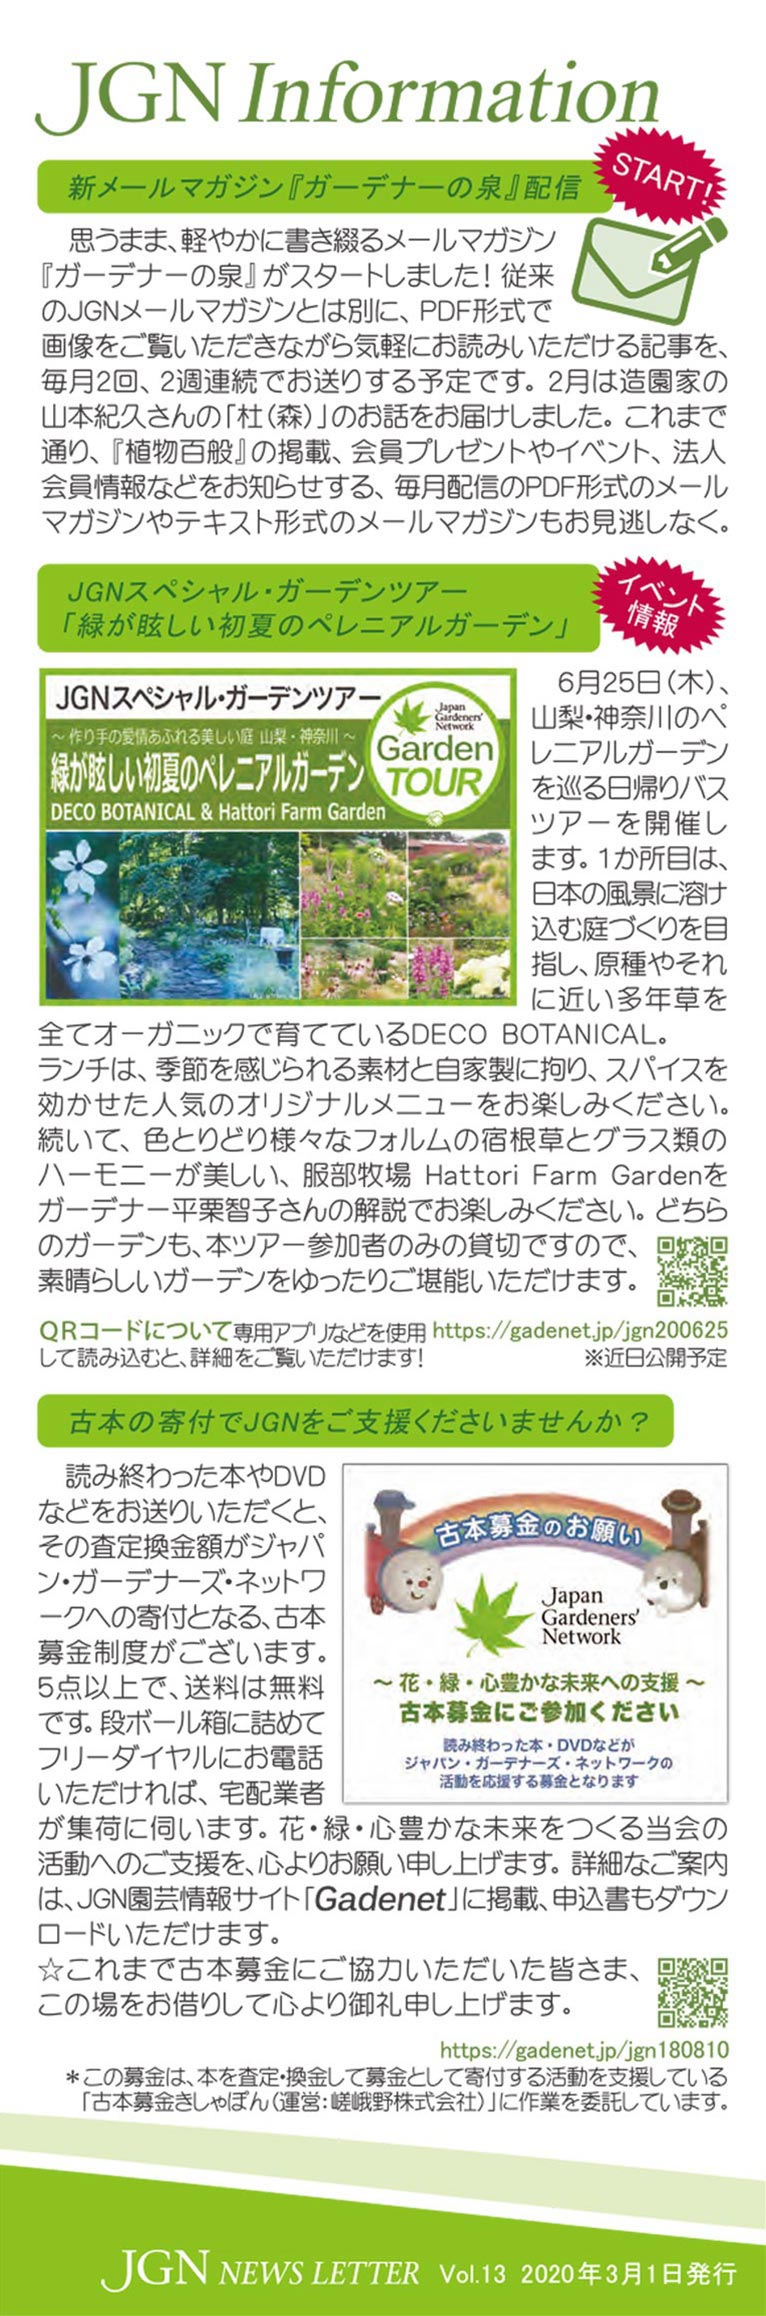 JGN NEWS LETTER 2020年春号 Vol.13(その4)JGNインフォメーション